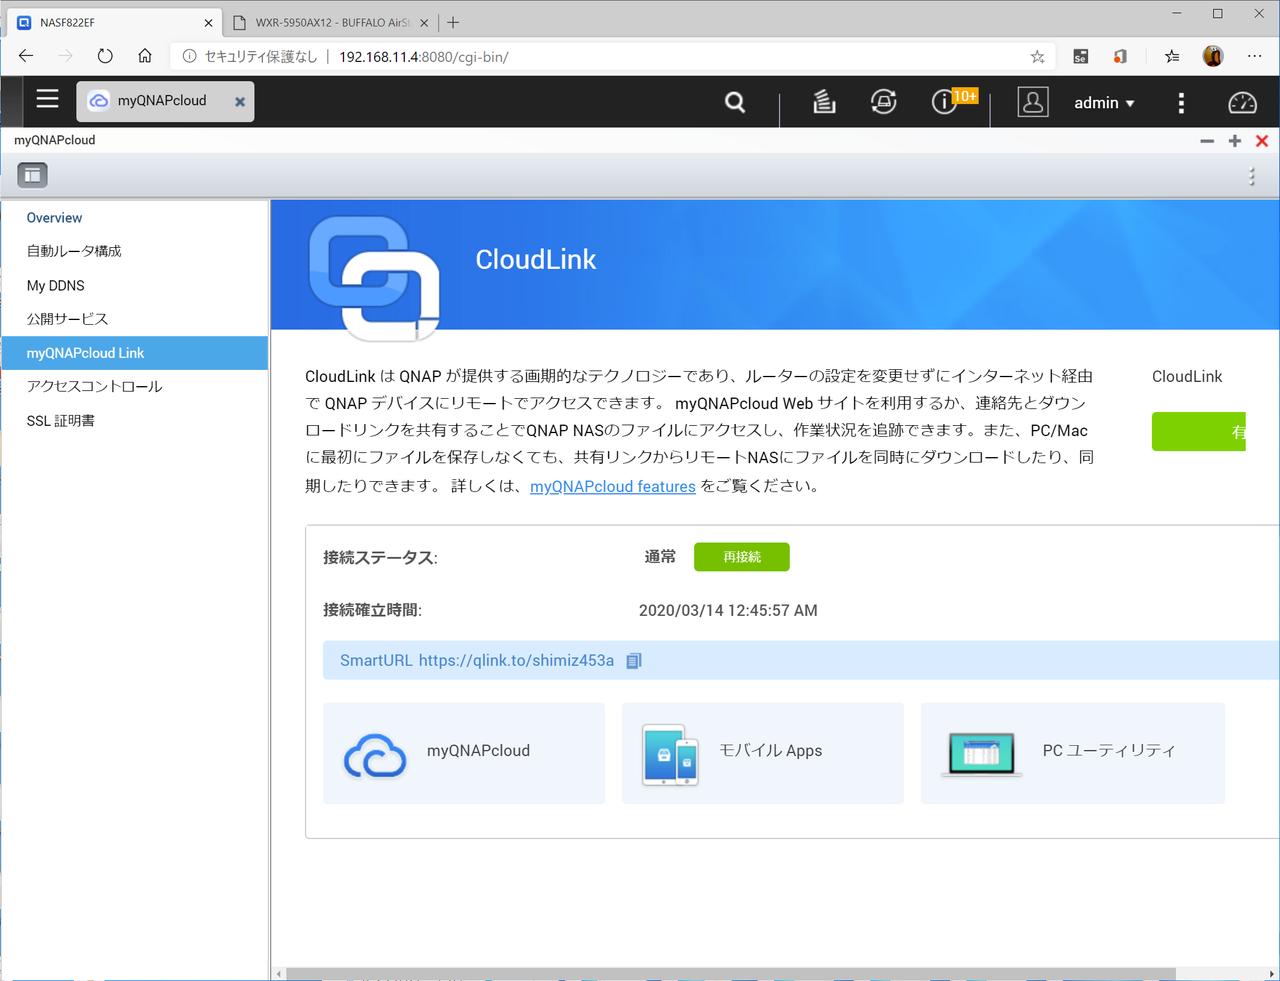 QNAPのNASに搭載されているCloudLink機能。中間サーバーを経由することで、NAT越えや名前解決をユーザー側で設定せずに済む